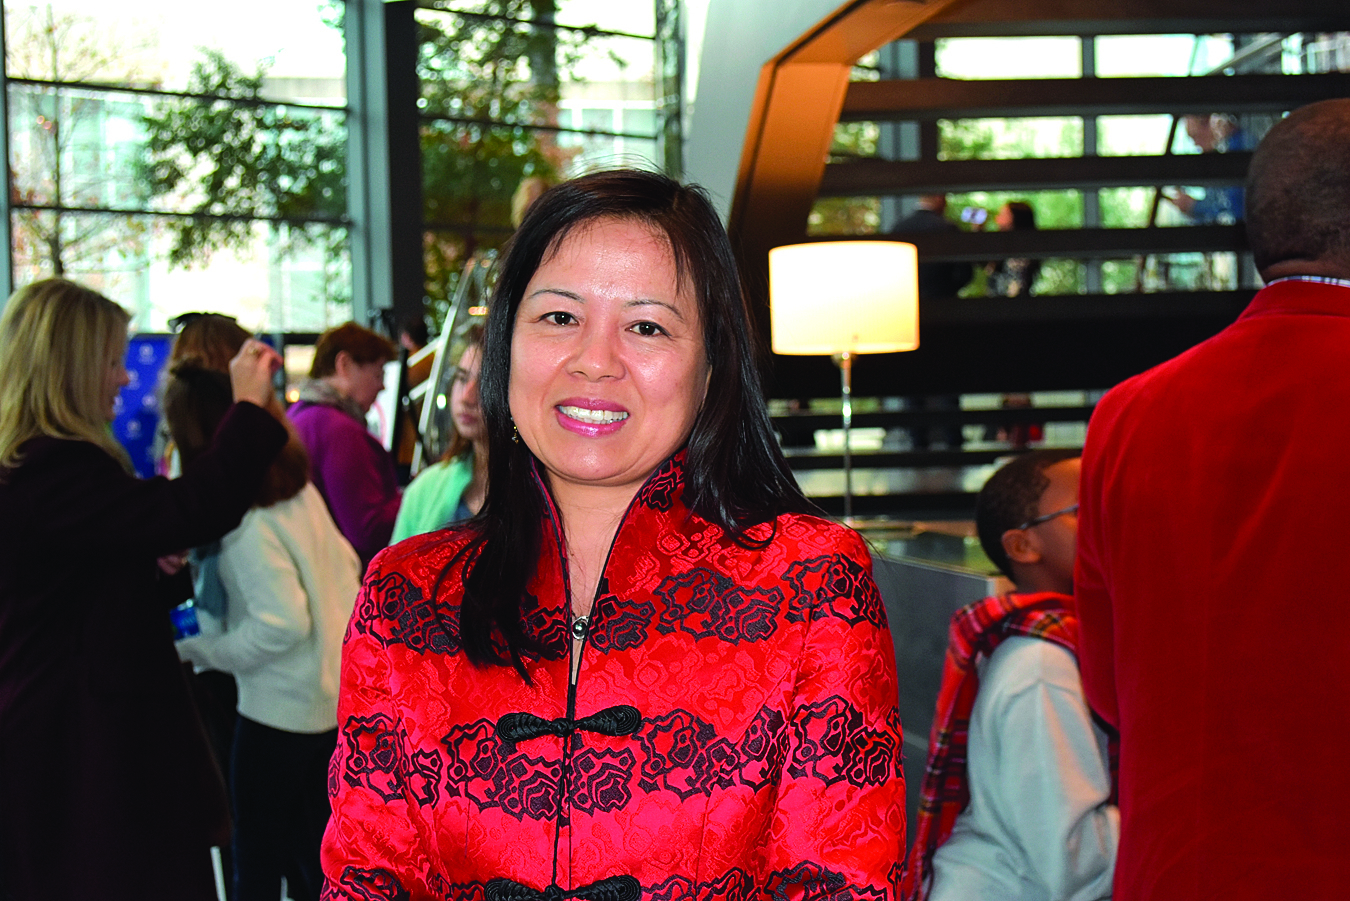 來自中國大陸的藝術家胡玉女士觀賞了神韻演出後,表示感到自豪和驕傲。(樂原/大紀元)